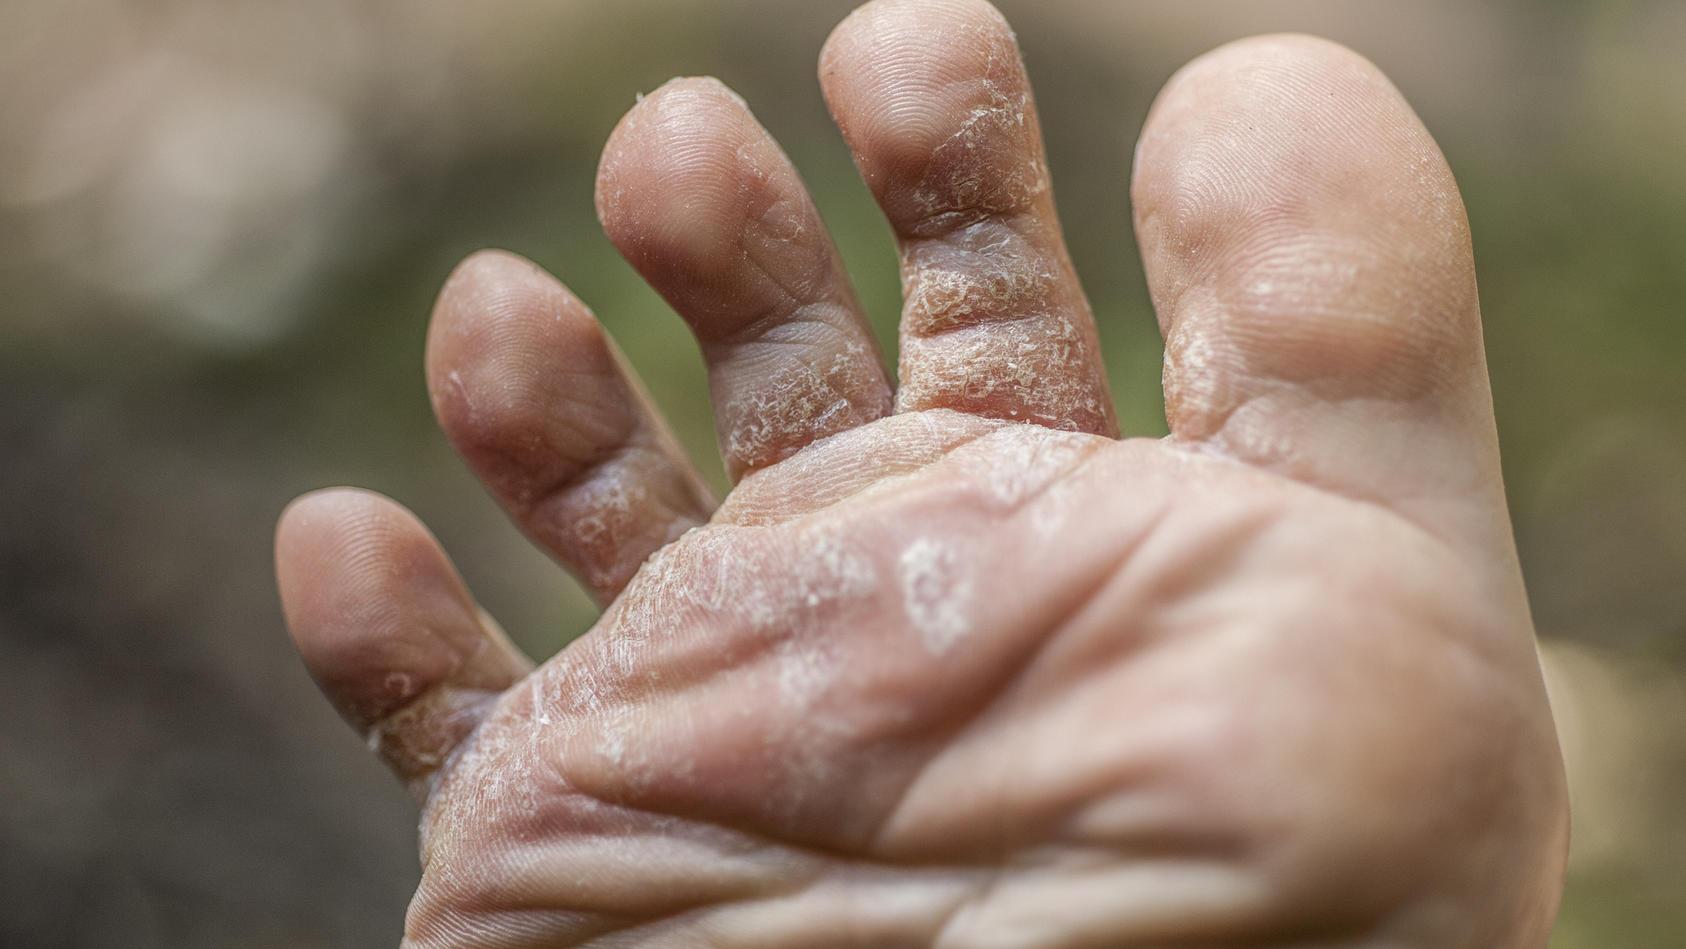 Eine Hautpilz-Infektion kann aber auch an anderen Stellen wie Händen oder am Rücken auftreten.